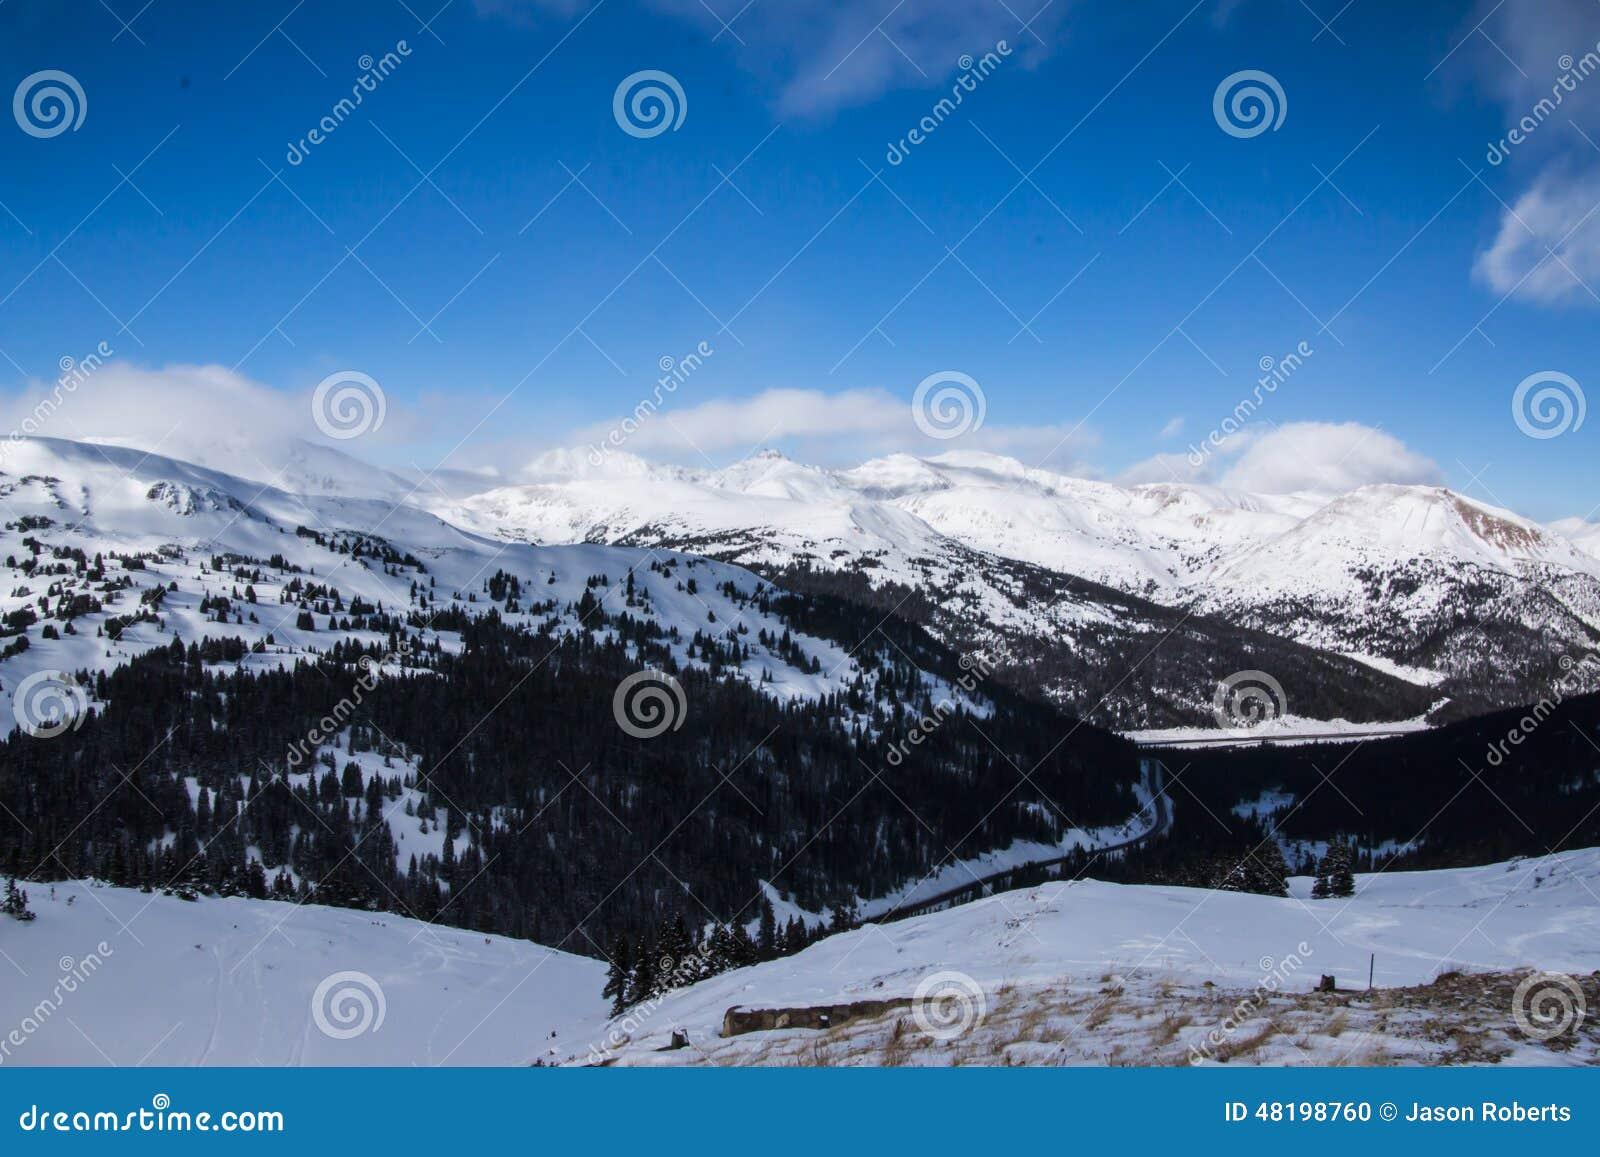 Loveland Pass in Colorado the Mountains